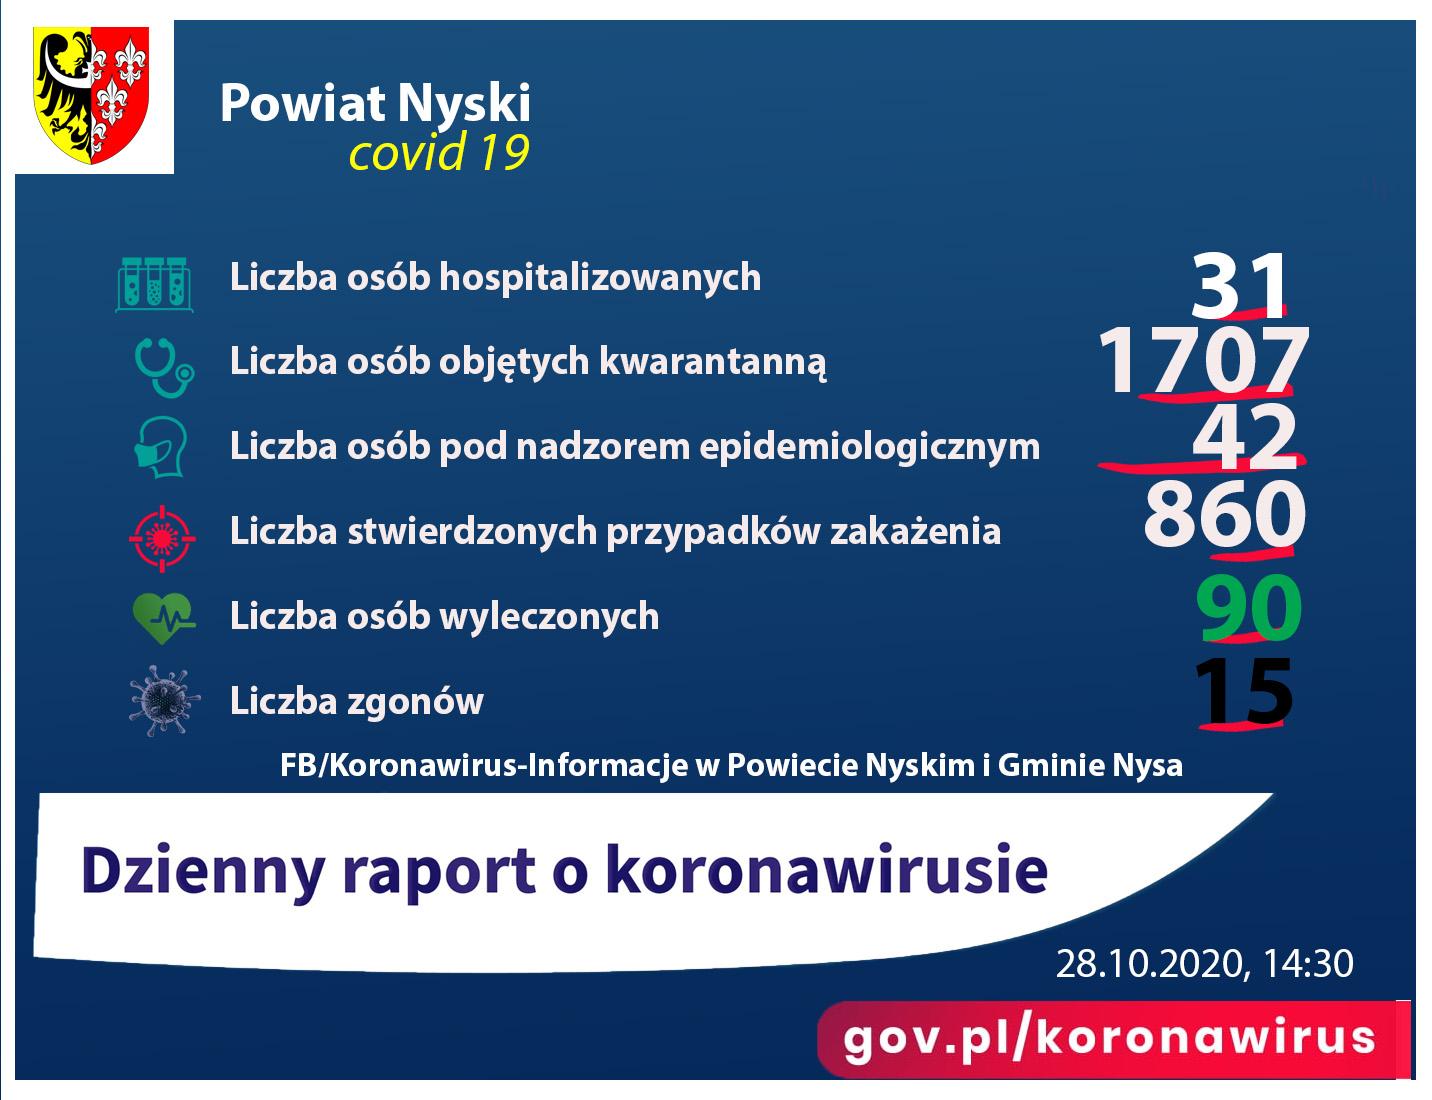 Liczba zakażeń - 860, hospitalizacjs - 31, kwarantanna 1707, zgony 15, ozdrowieńcy - 90